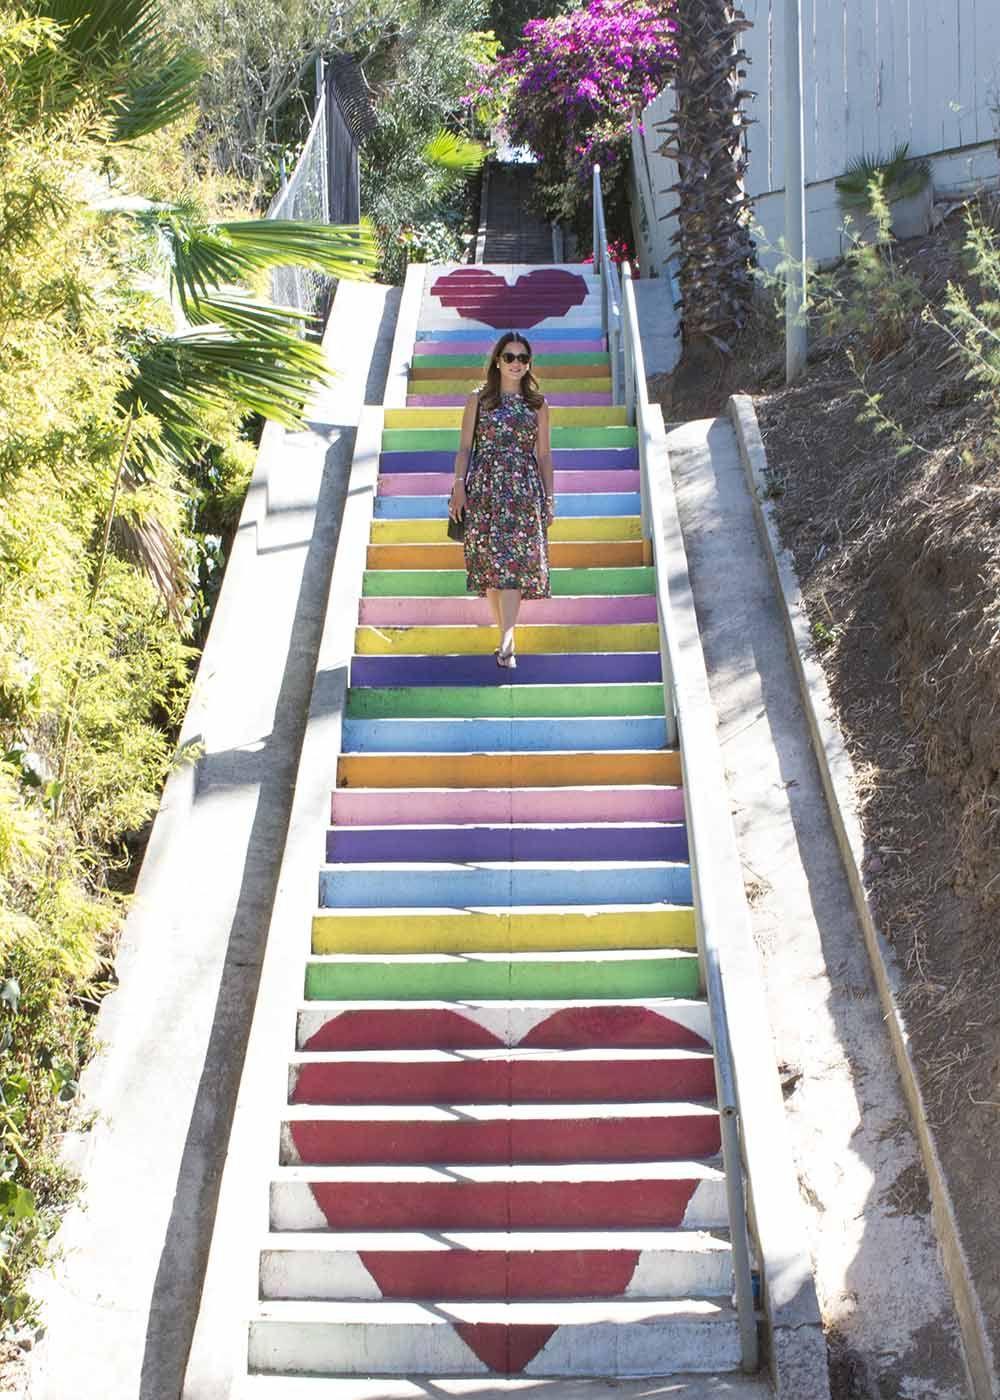 LA Hidden Stairs